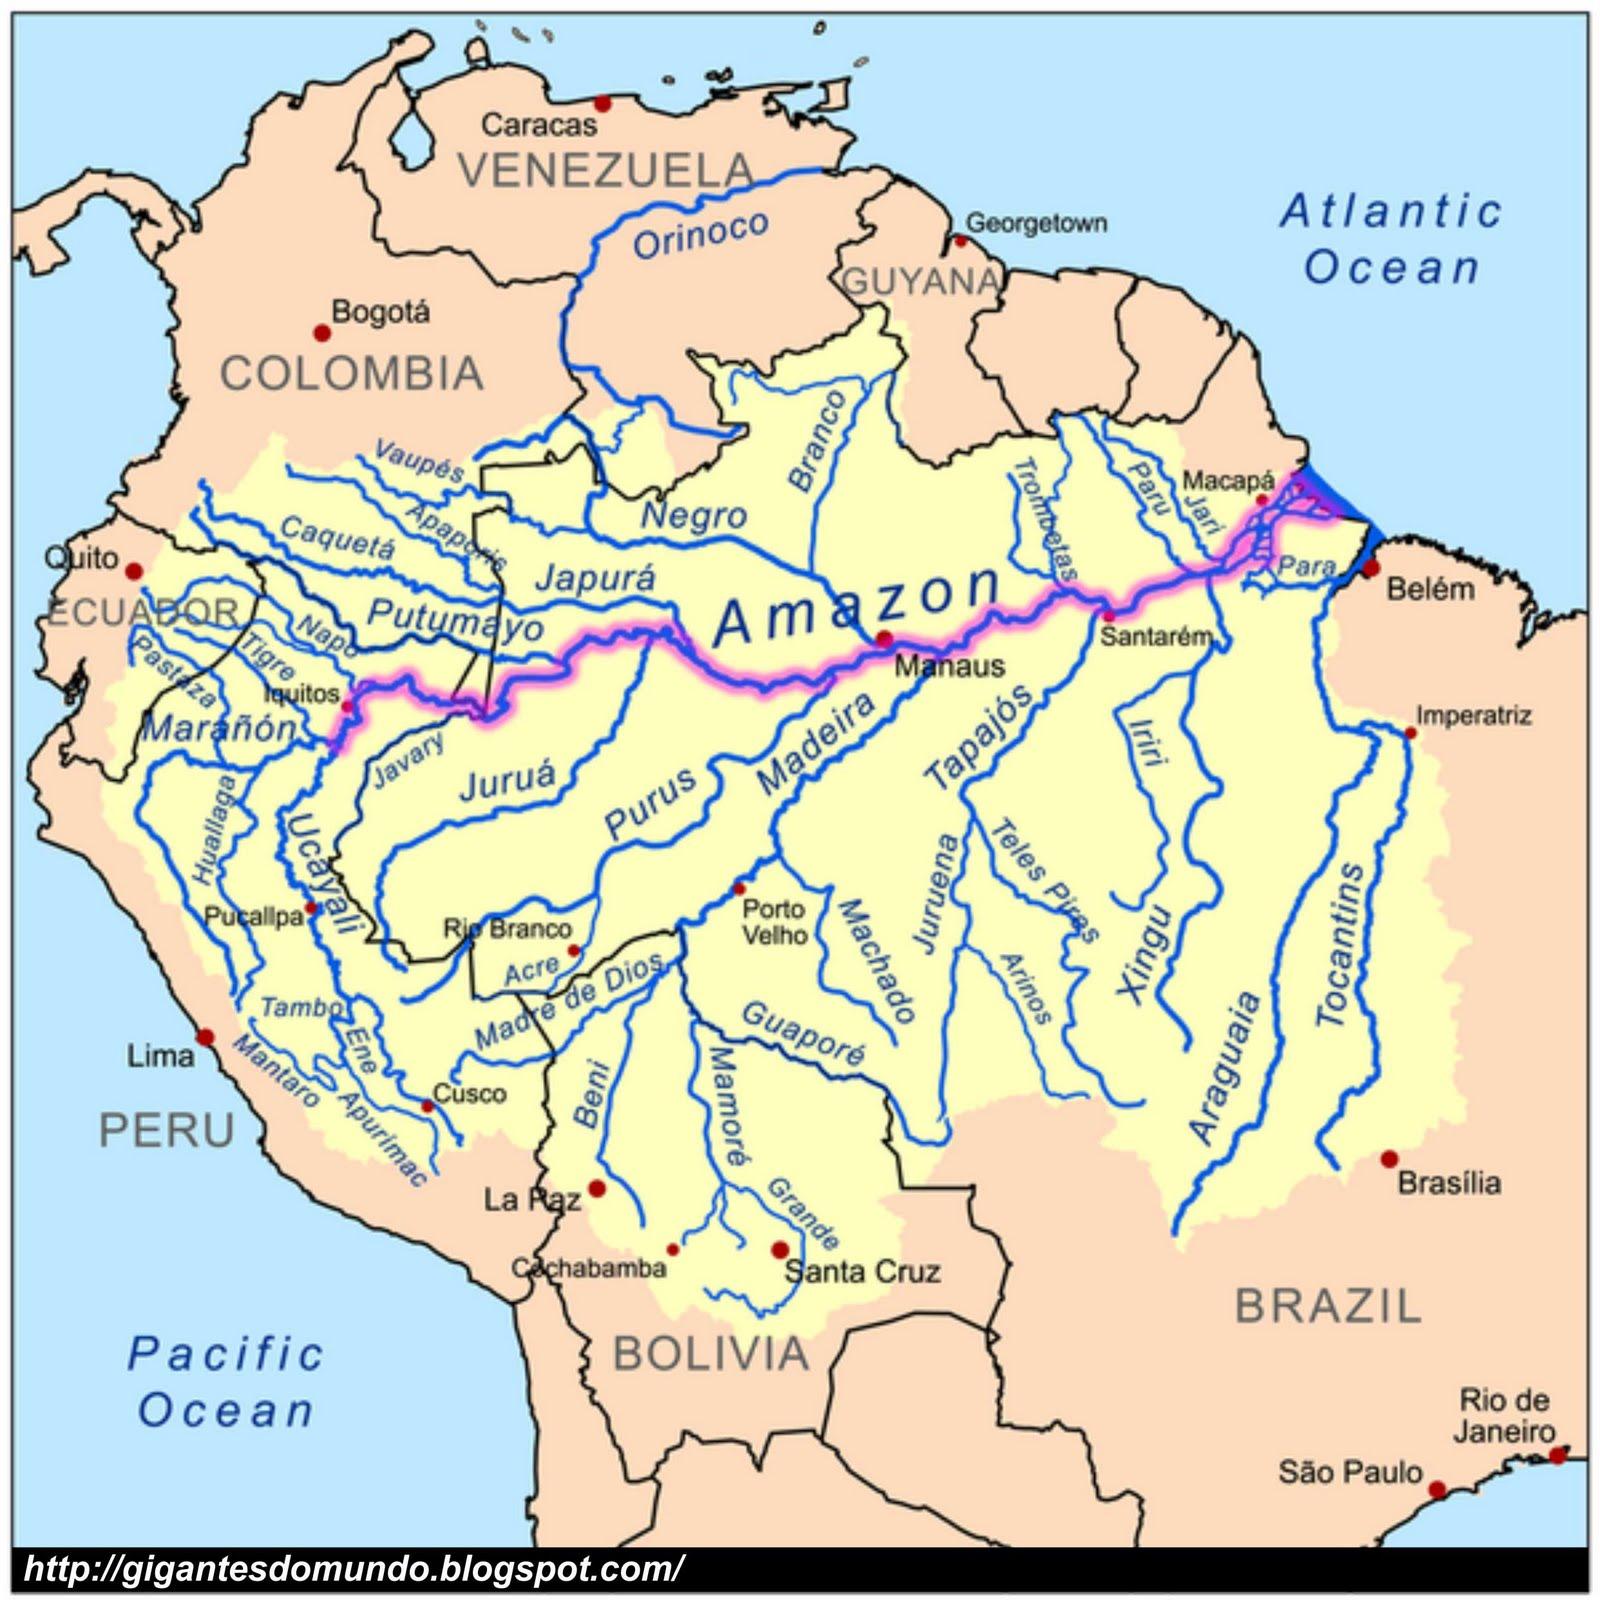 rios do mundo mapa Os 10 maiores rios do mundo | Gigantes do Mundo rios do mundo mapa